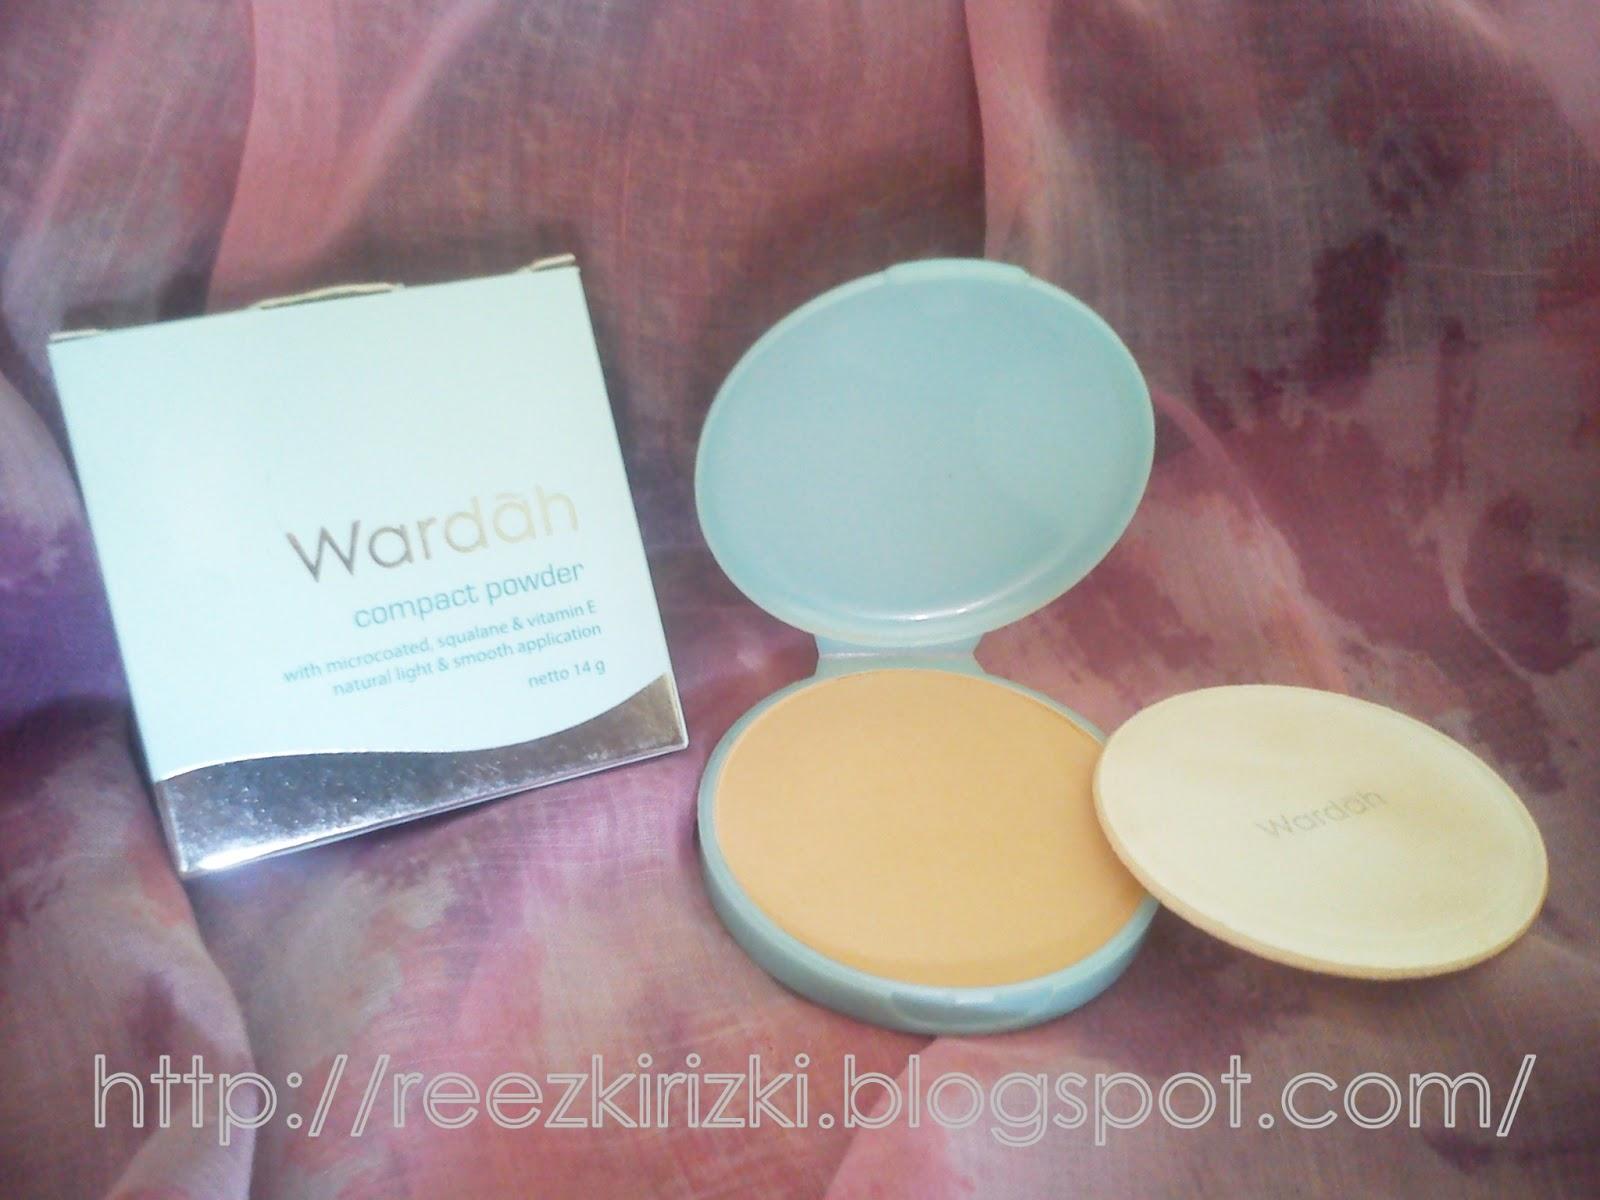 Reezki's Beauty Blog: Review : Wardah Compact Powder in no